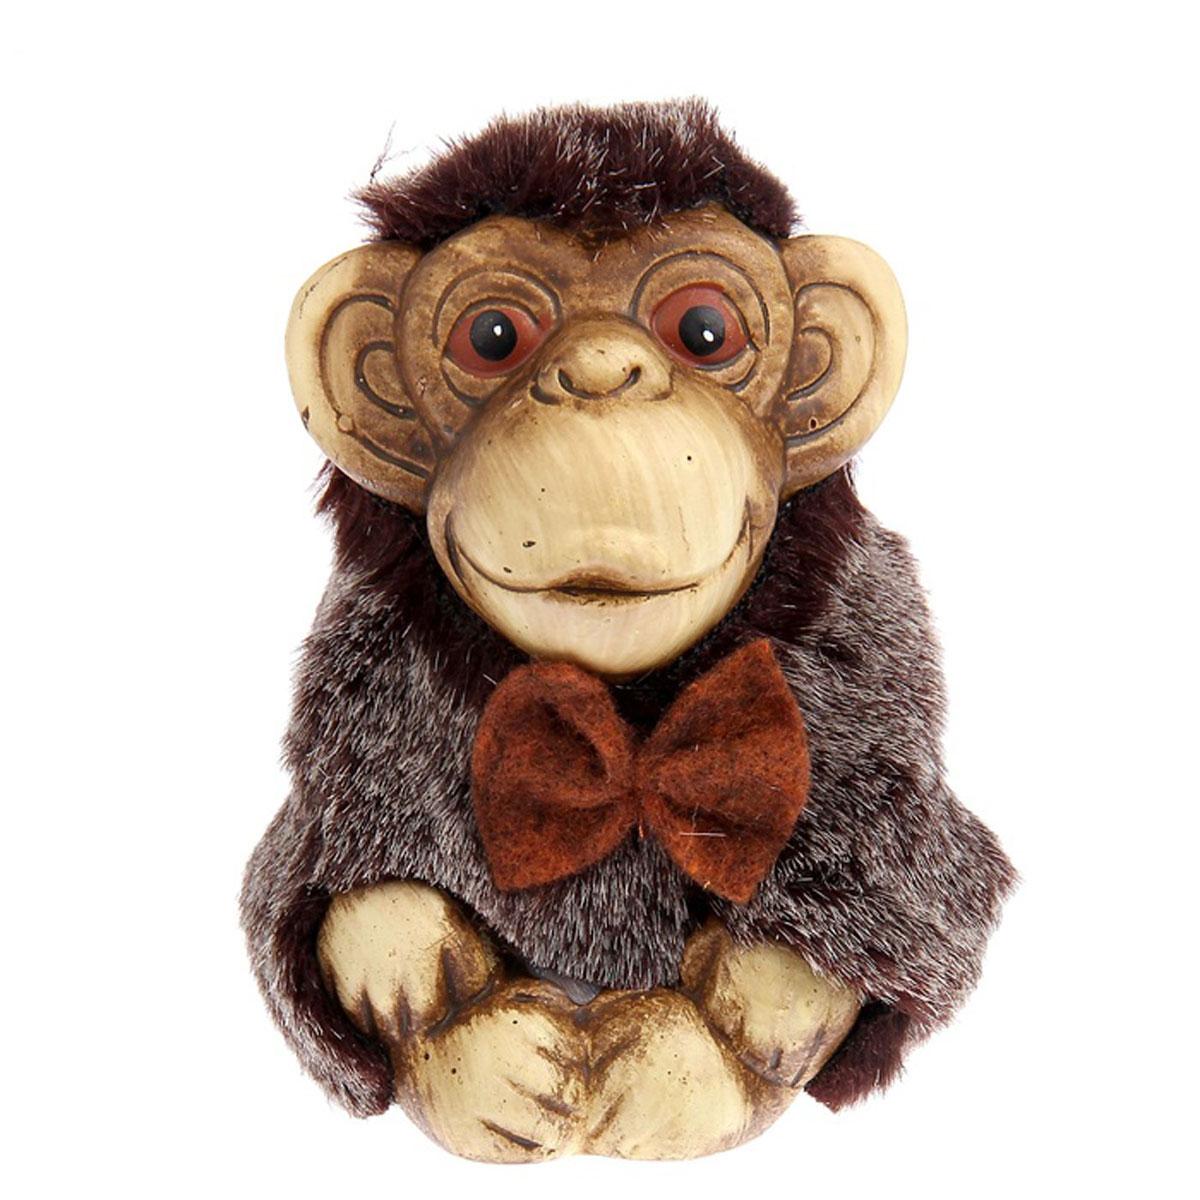 Фигурка декоративная Sima-land Улыбчивая обезьянка, высота 10 см1053675Декоративная фигурка Sima-land Улыбчивая обезьянка прекрасно подойдет для украшения интерьера дома. Изделие выполнено из керамики в виде забавной обезьянки. Изящная фигурка станет прекрасным подарком, который обязательно порадует получателя.